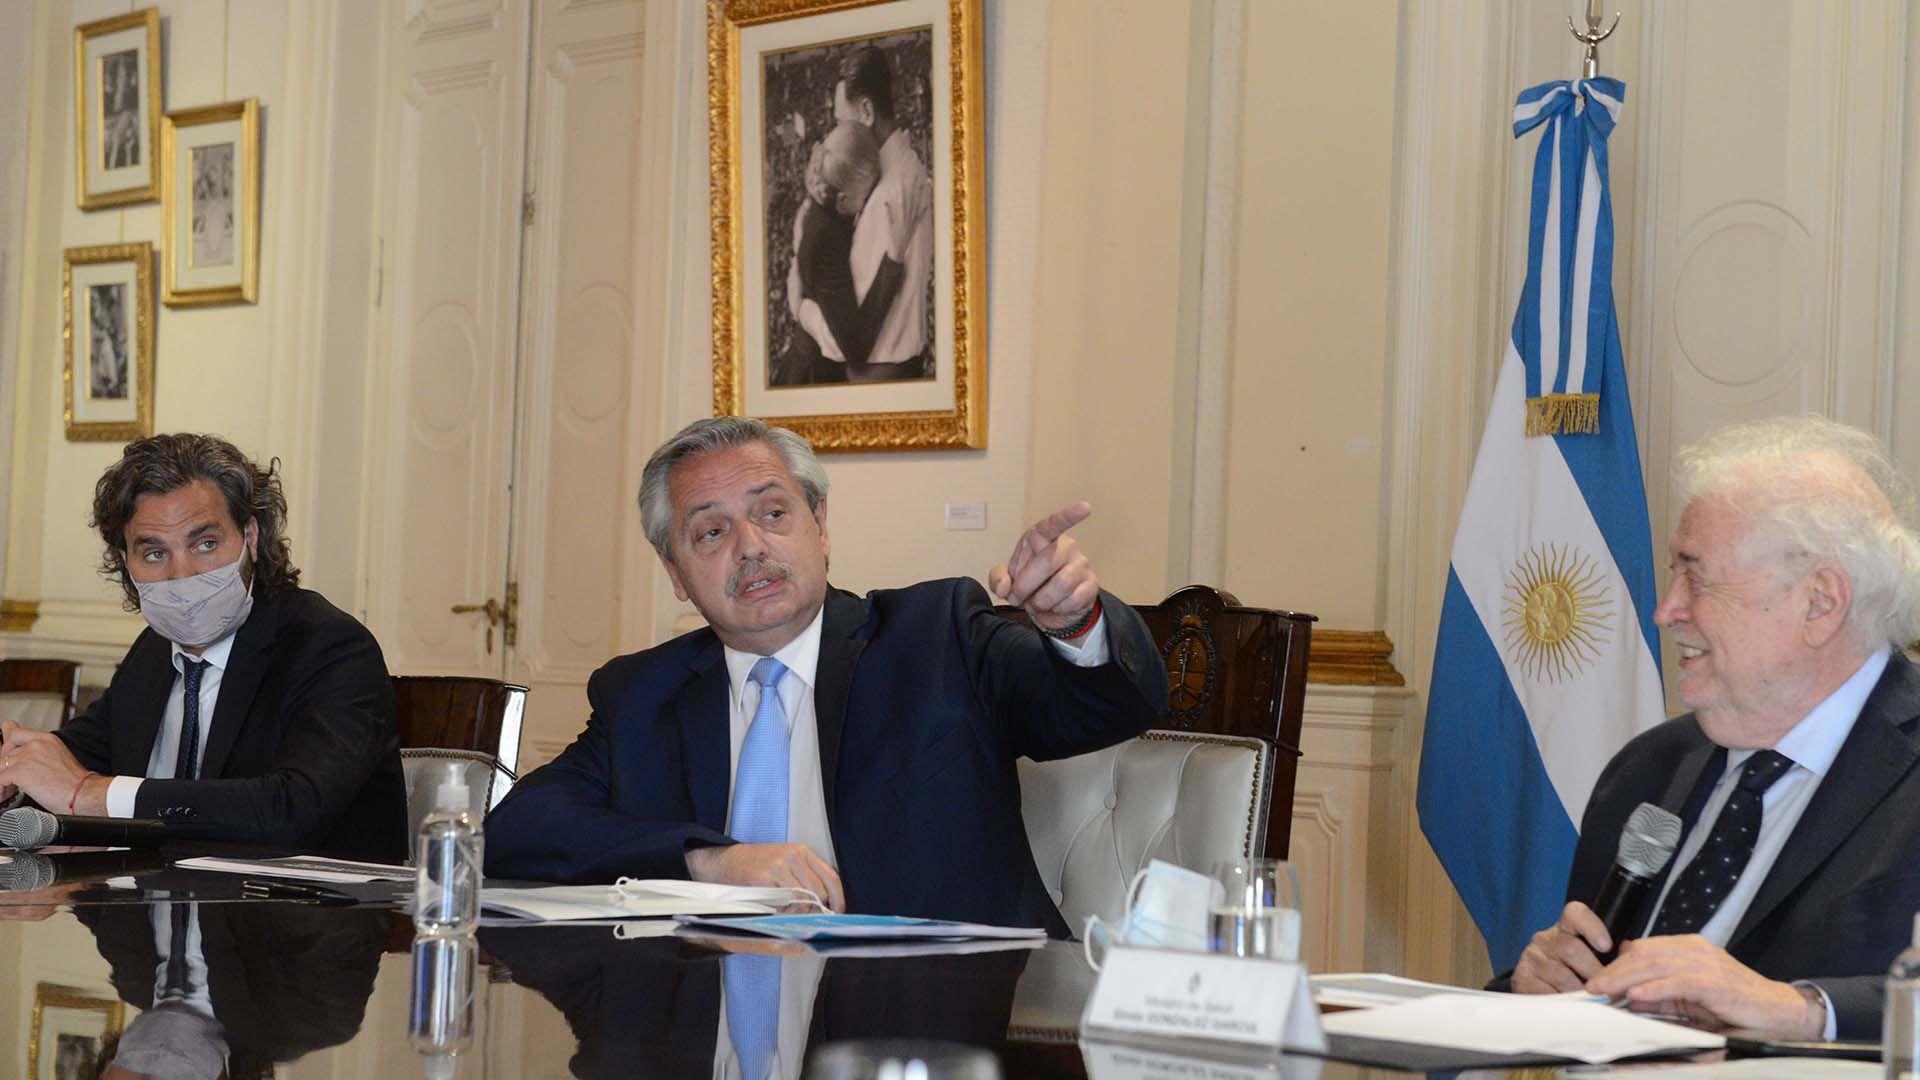 Comite de vacunación - Santiago Cafiero Alberto Fernandez Gines Gonzalez García